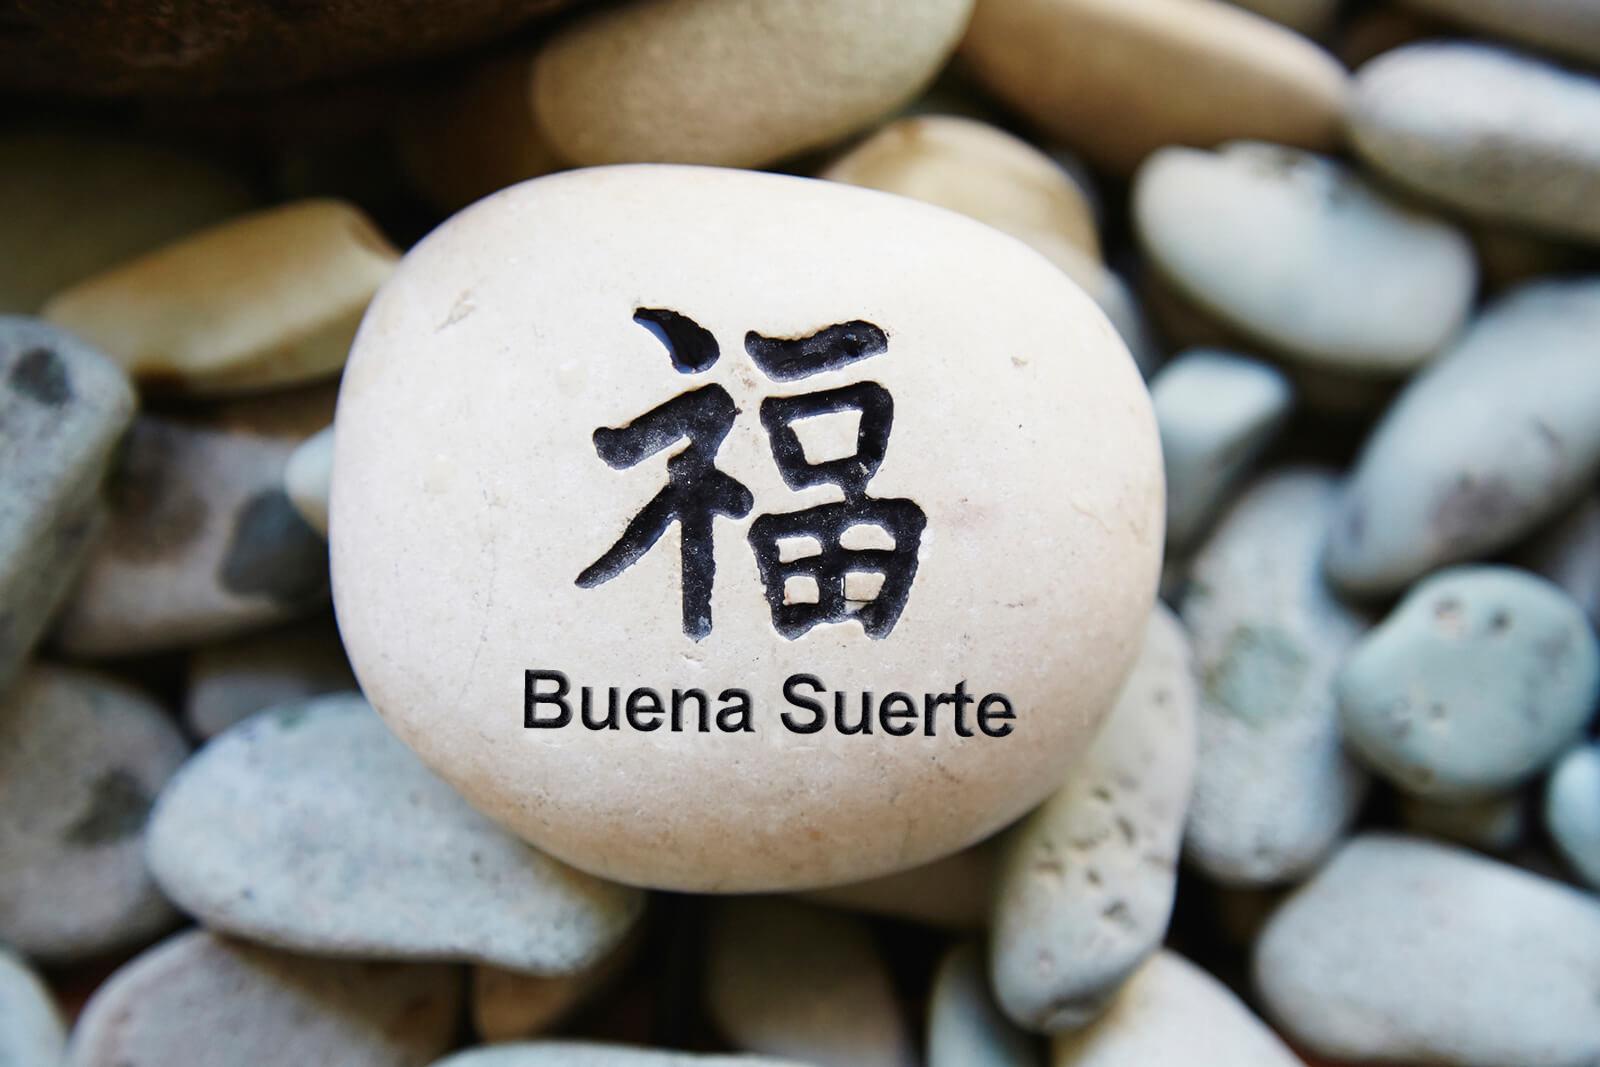 244377-1600x1067-buena-suerte-roca